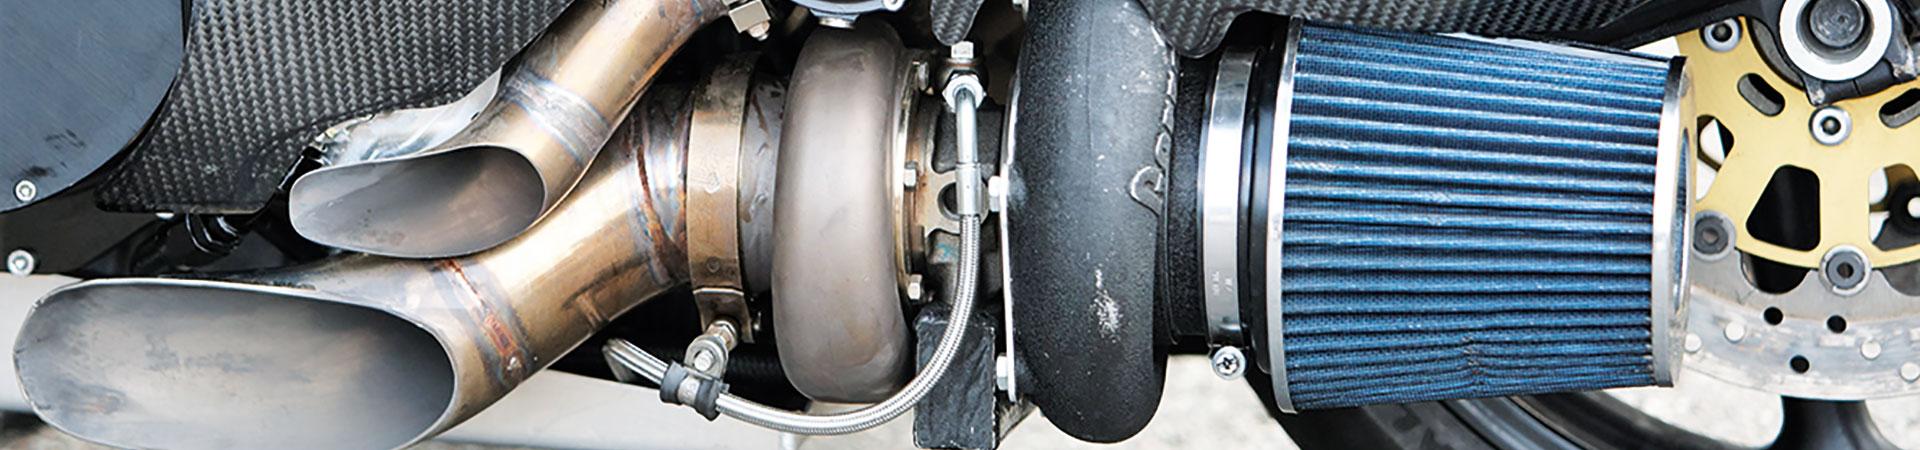 SSB-Turbo-Power